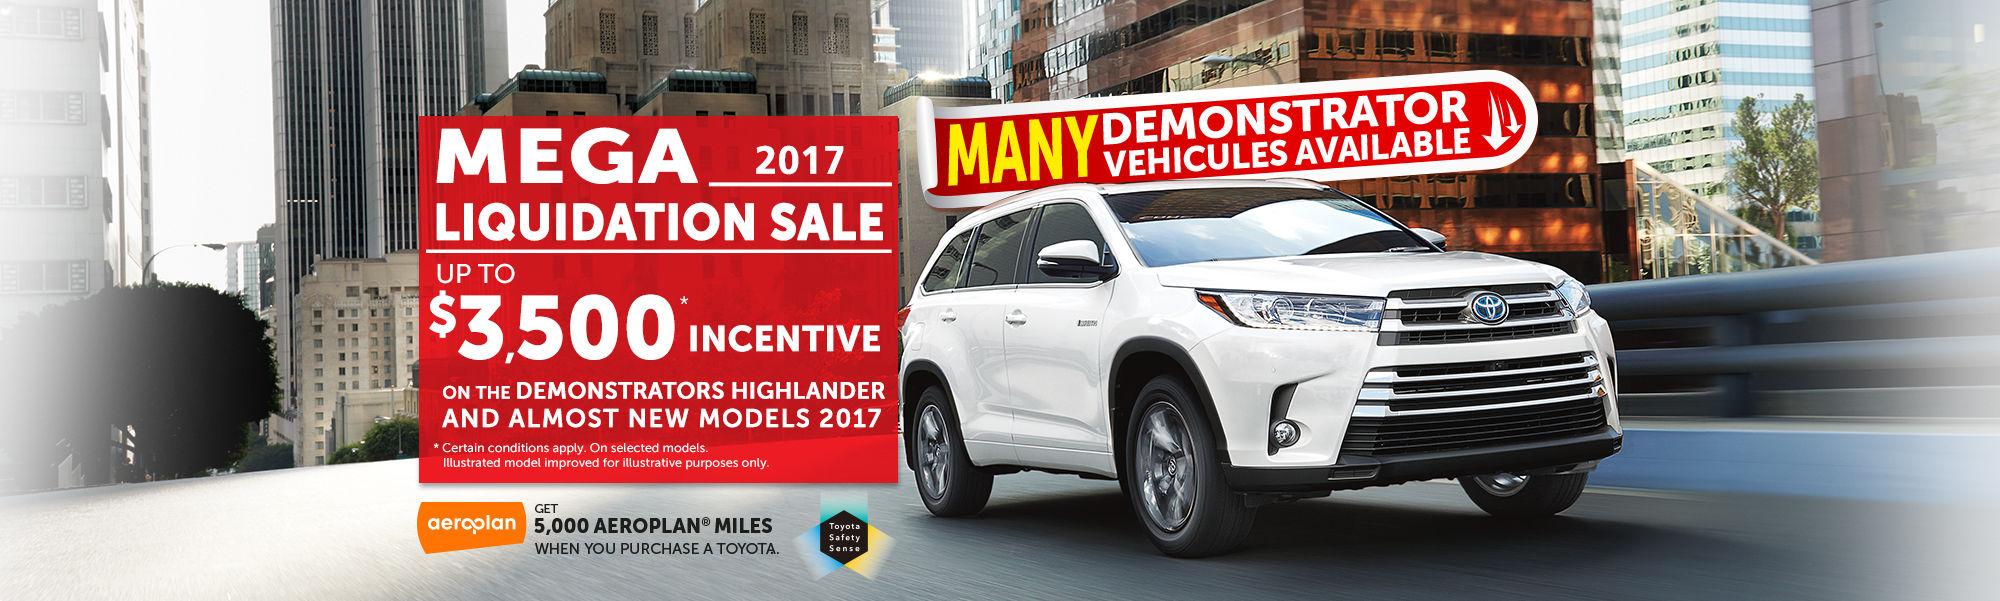 Mega Liquidation Sale - Highlander 2017